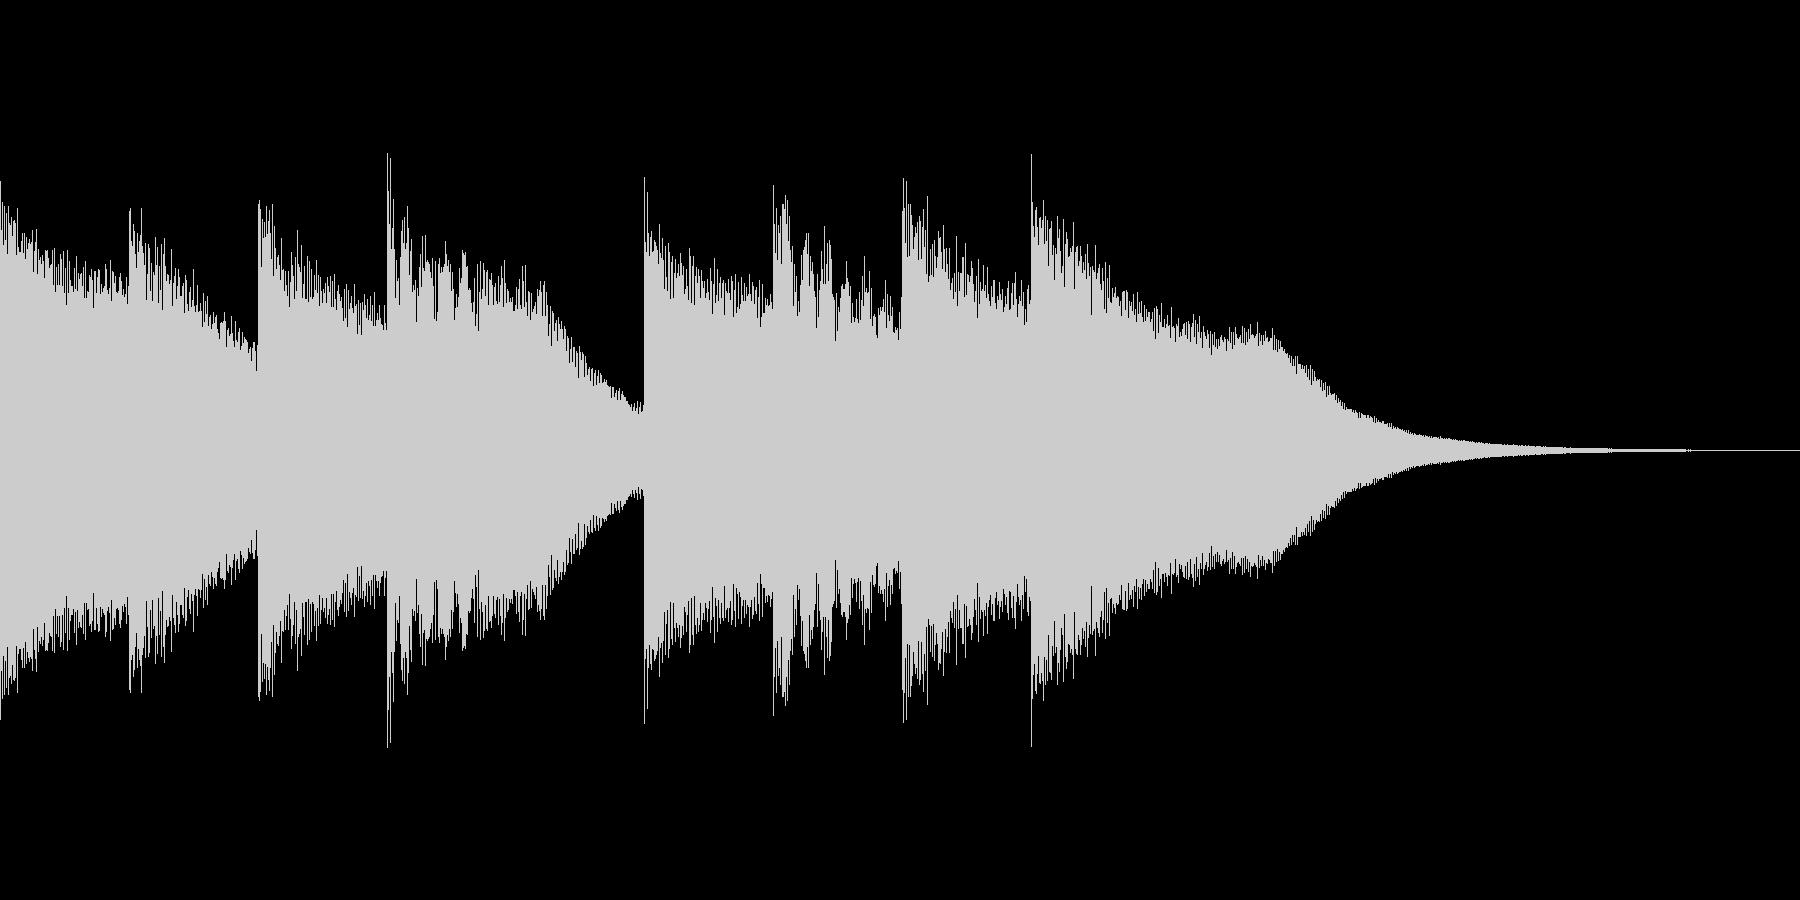 キンコンカンコン(学校のチャイム)の未再生の波形